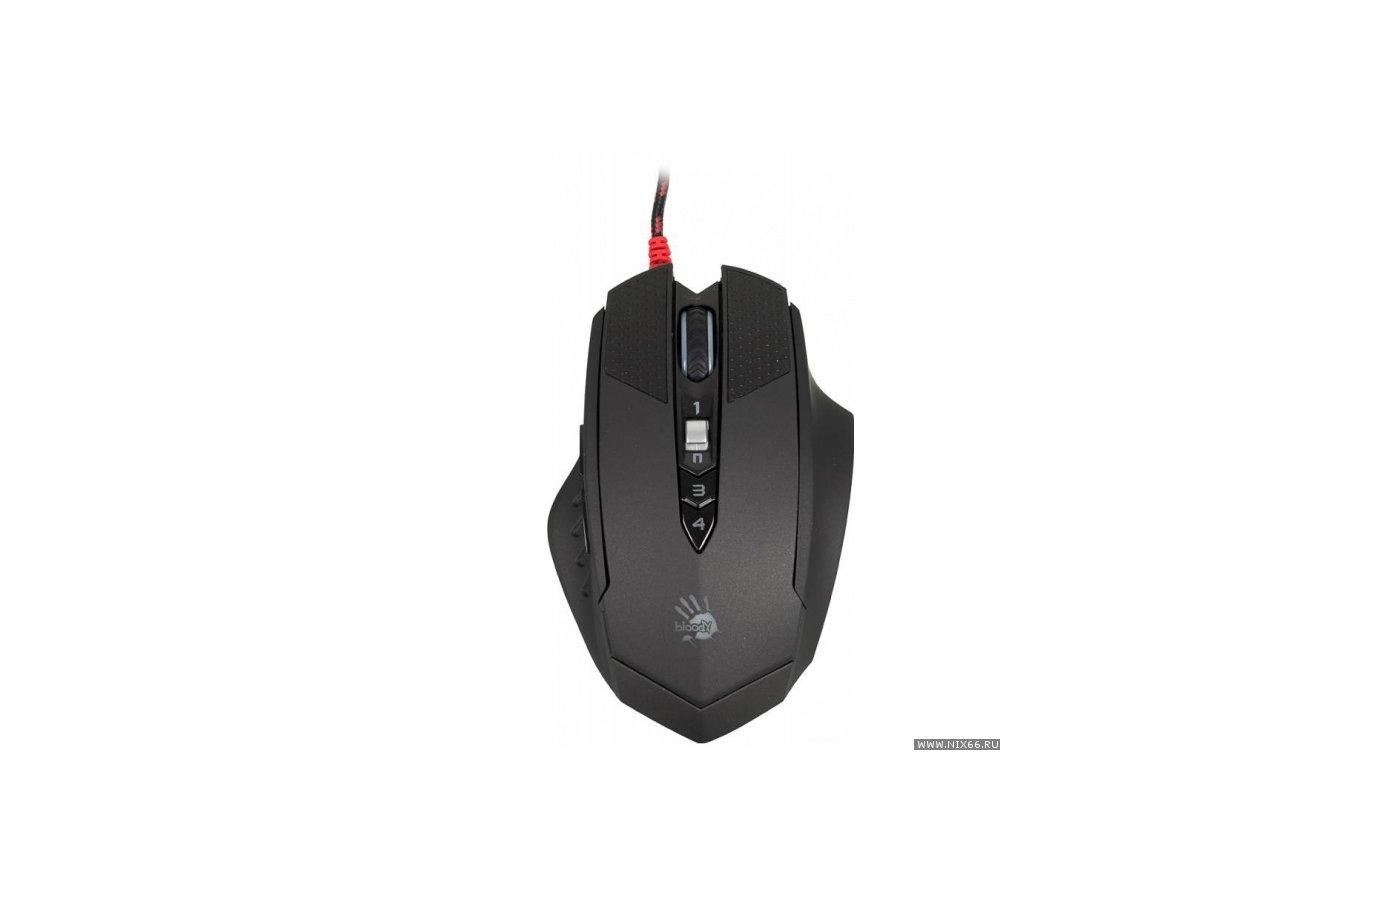 Мышь проводная A4Tech Bloody T70 Winner черный/серый оптическая (4000dpi) USB2.0 игровая (8but)